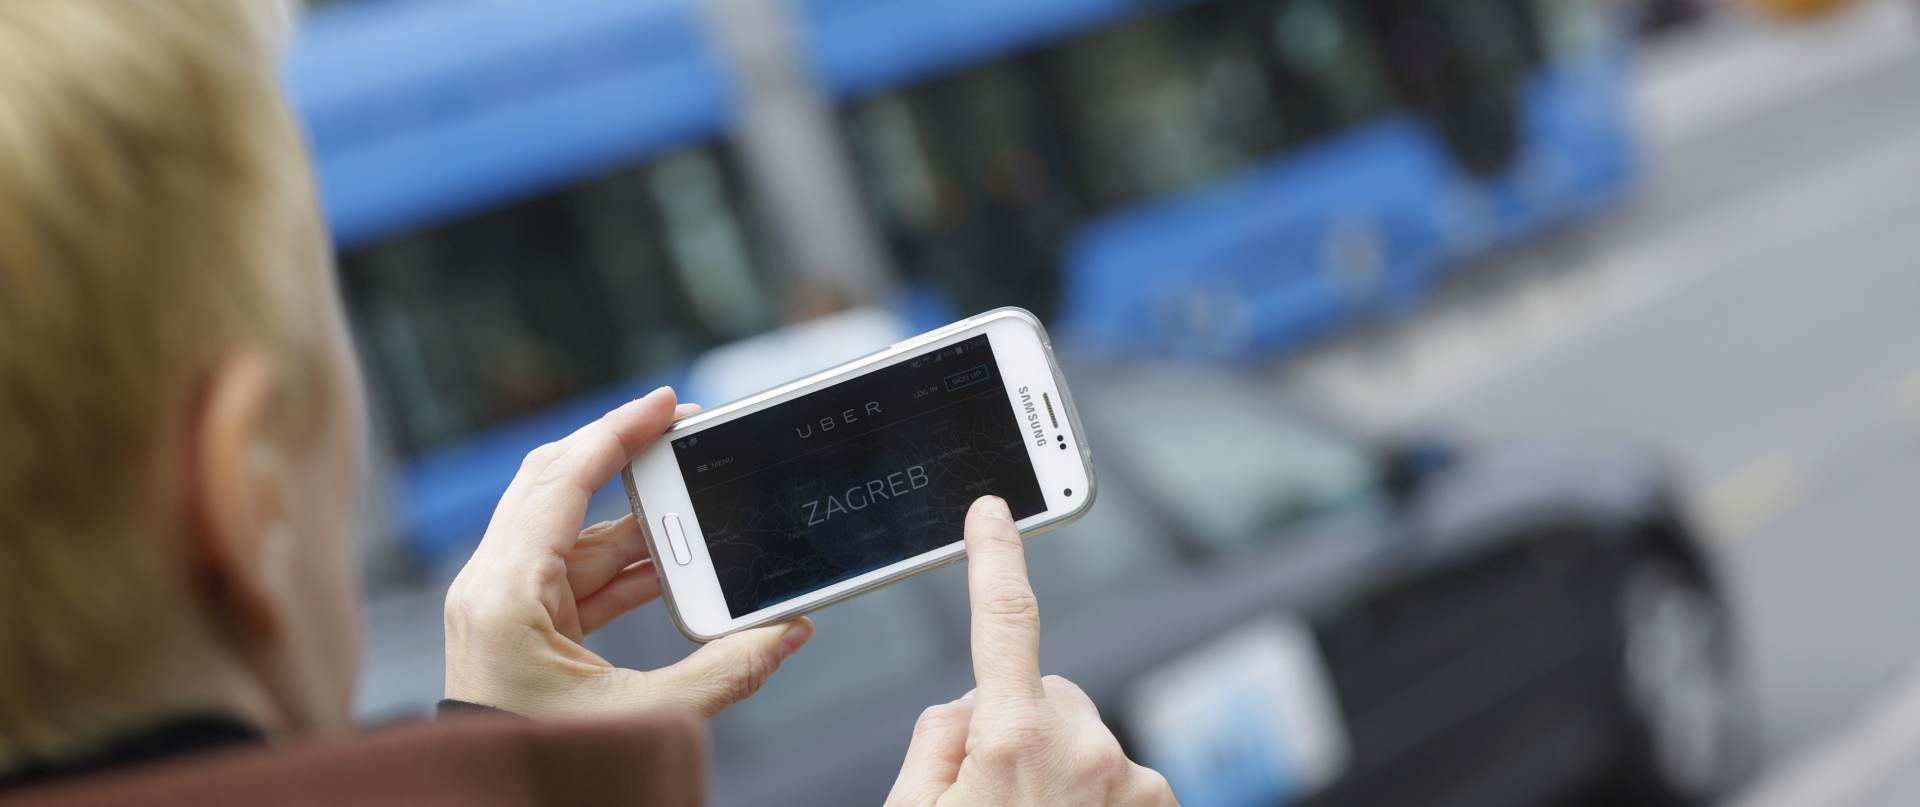 KONKURENCIJA TAKSISTIMA: Uber stigao u Hrvatsku